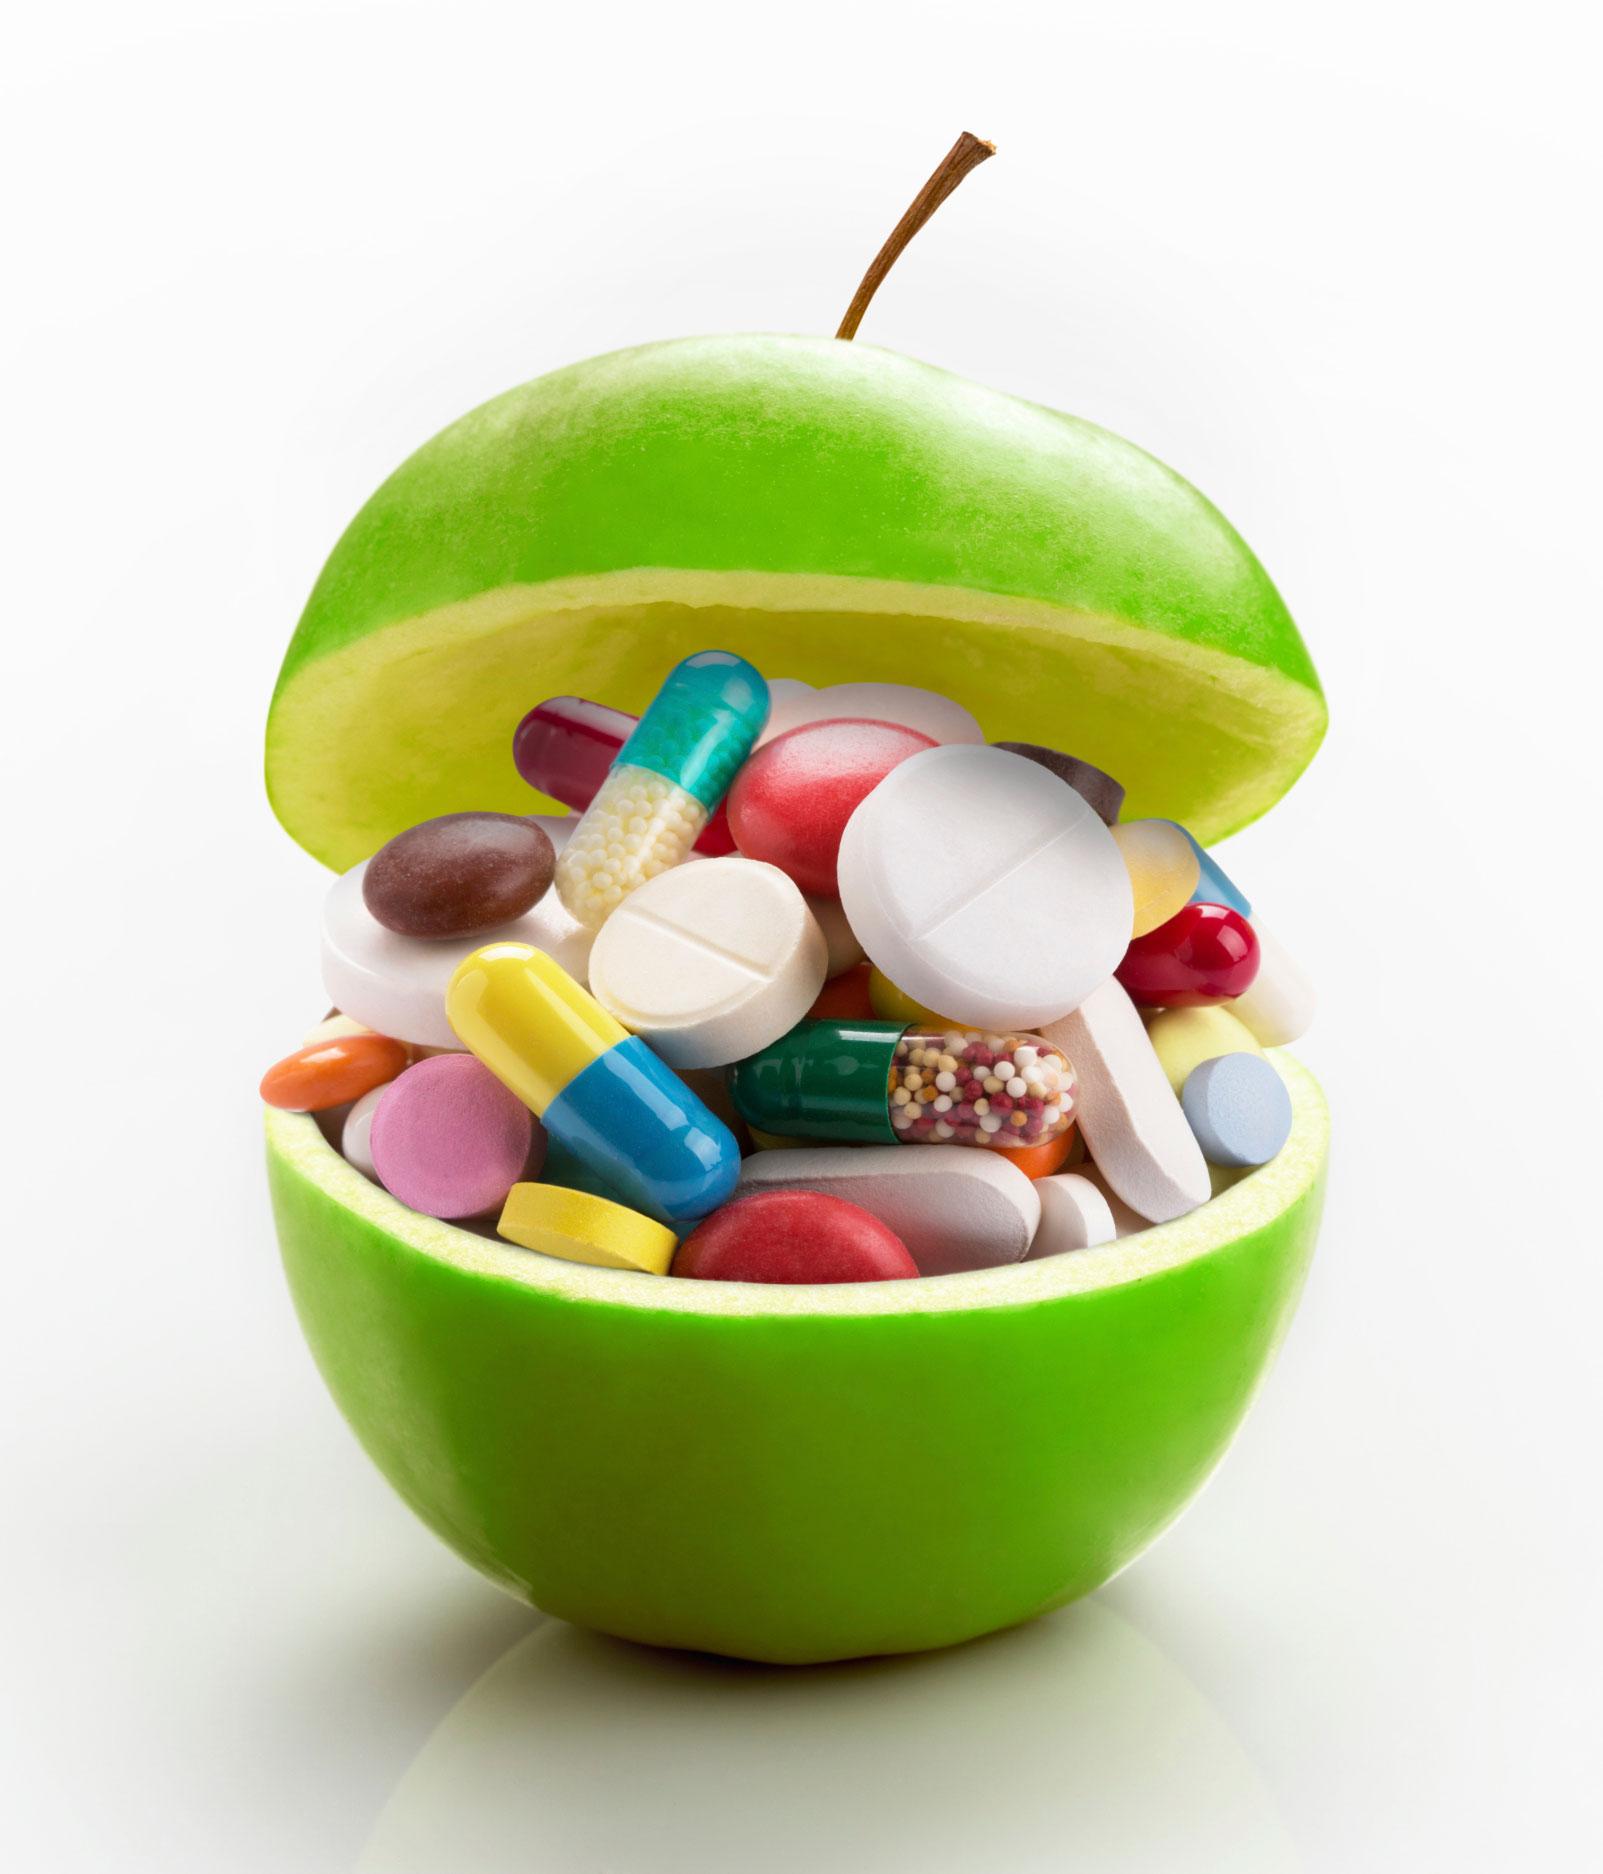 Συμπληρώματα στην προπόνηση ή τη διατροφή σας;